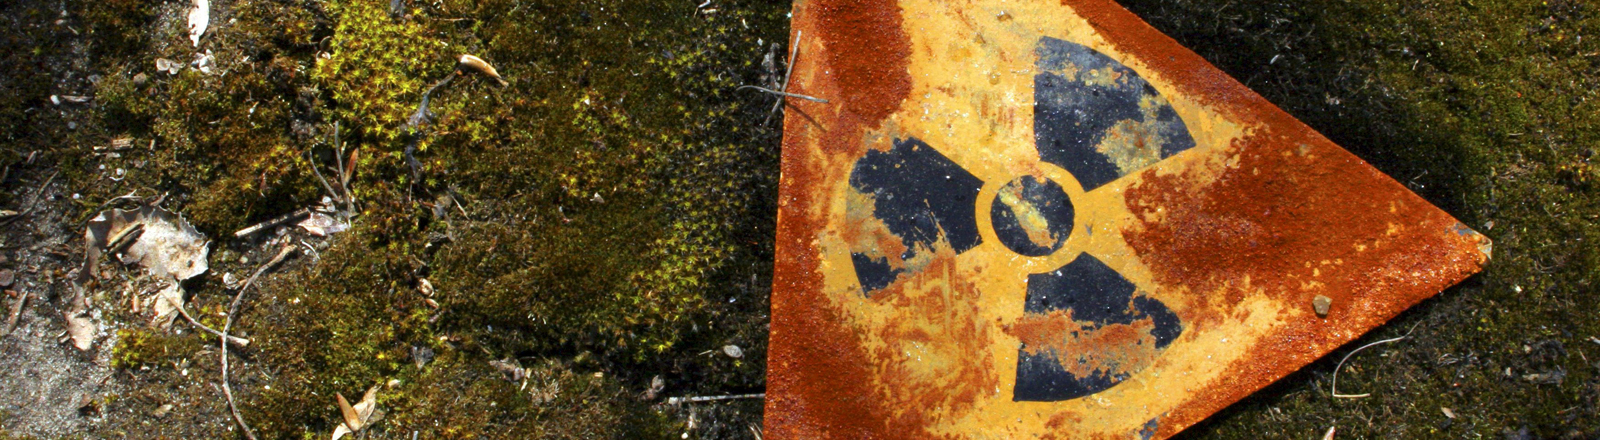 Auf dem Boden bei Tschernobyl liegt ein altes Schild, dass vor radioaktiver Strahlung warnt.